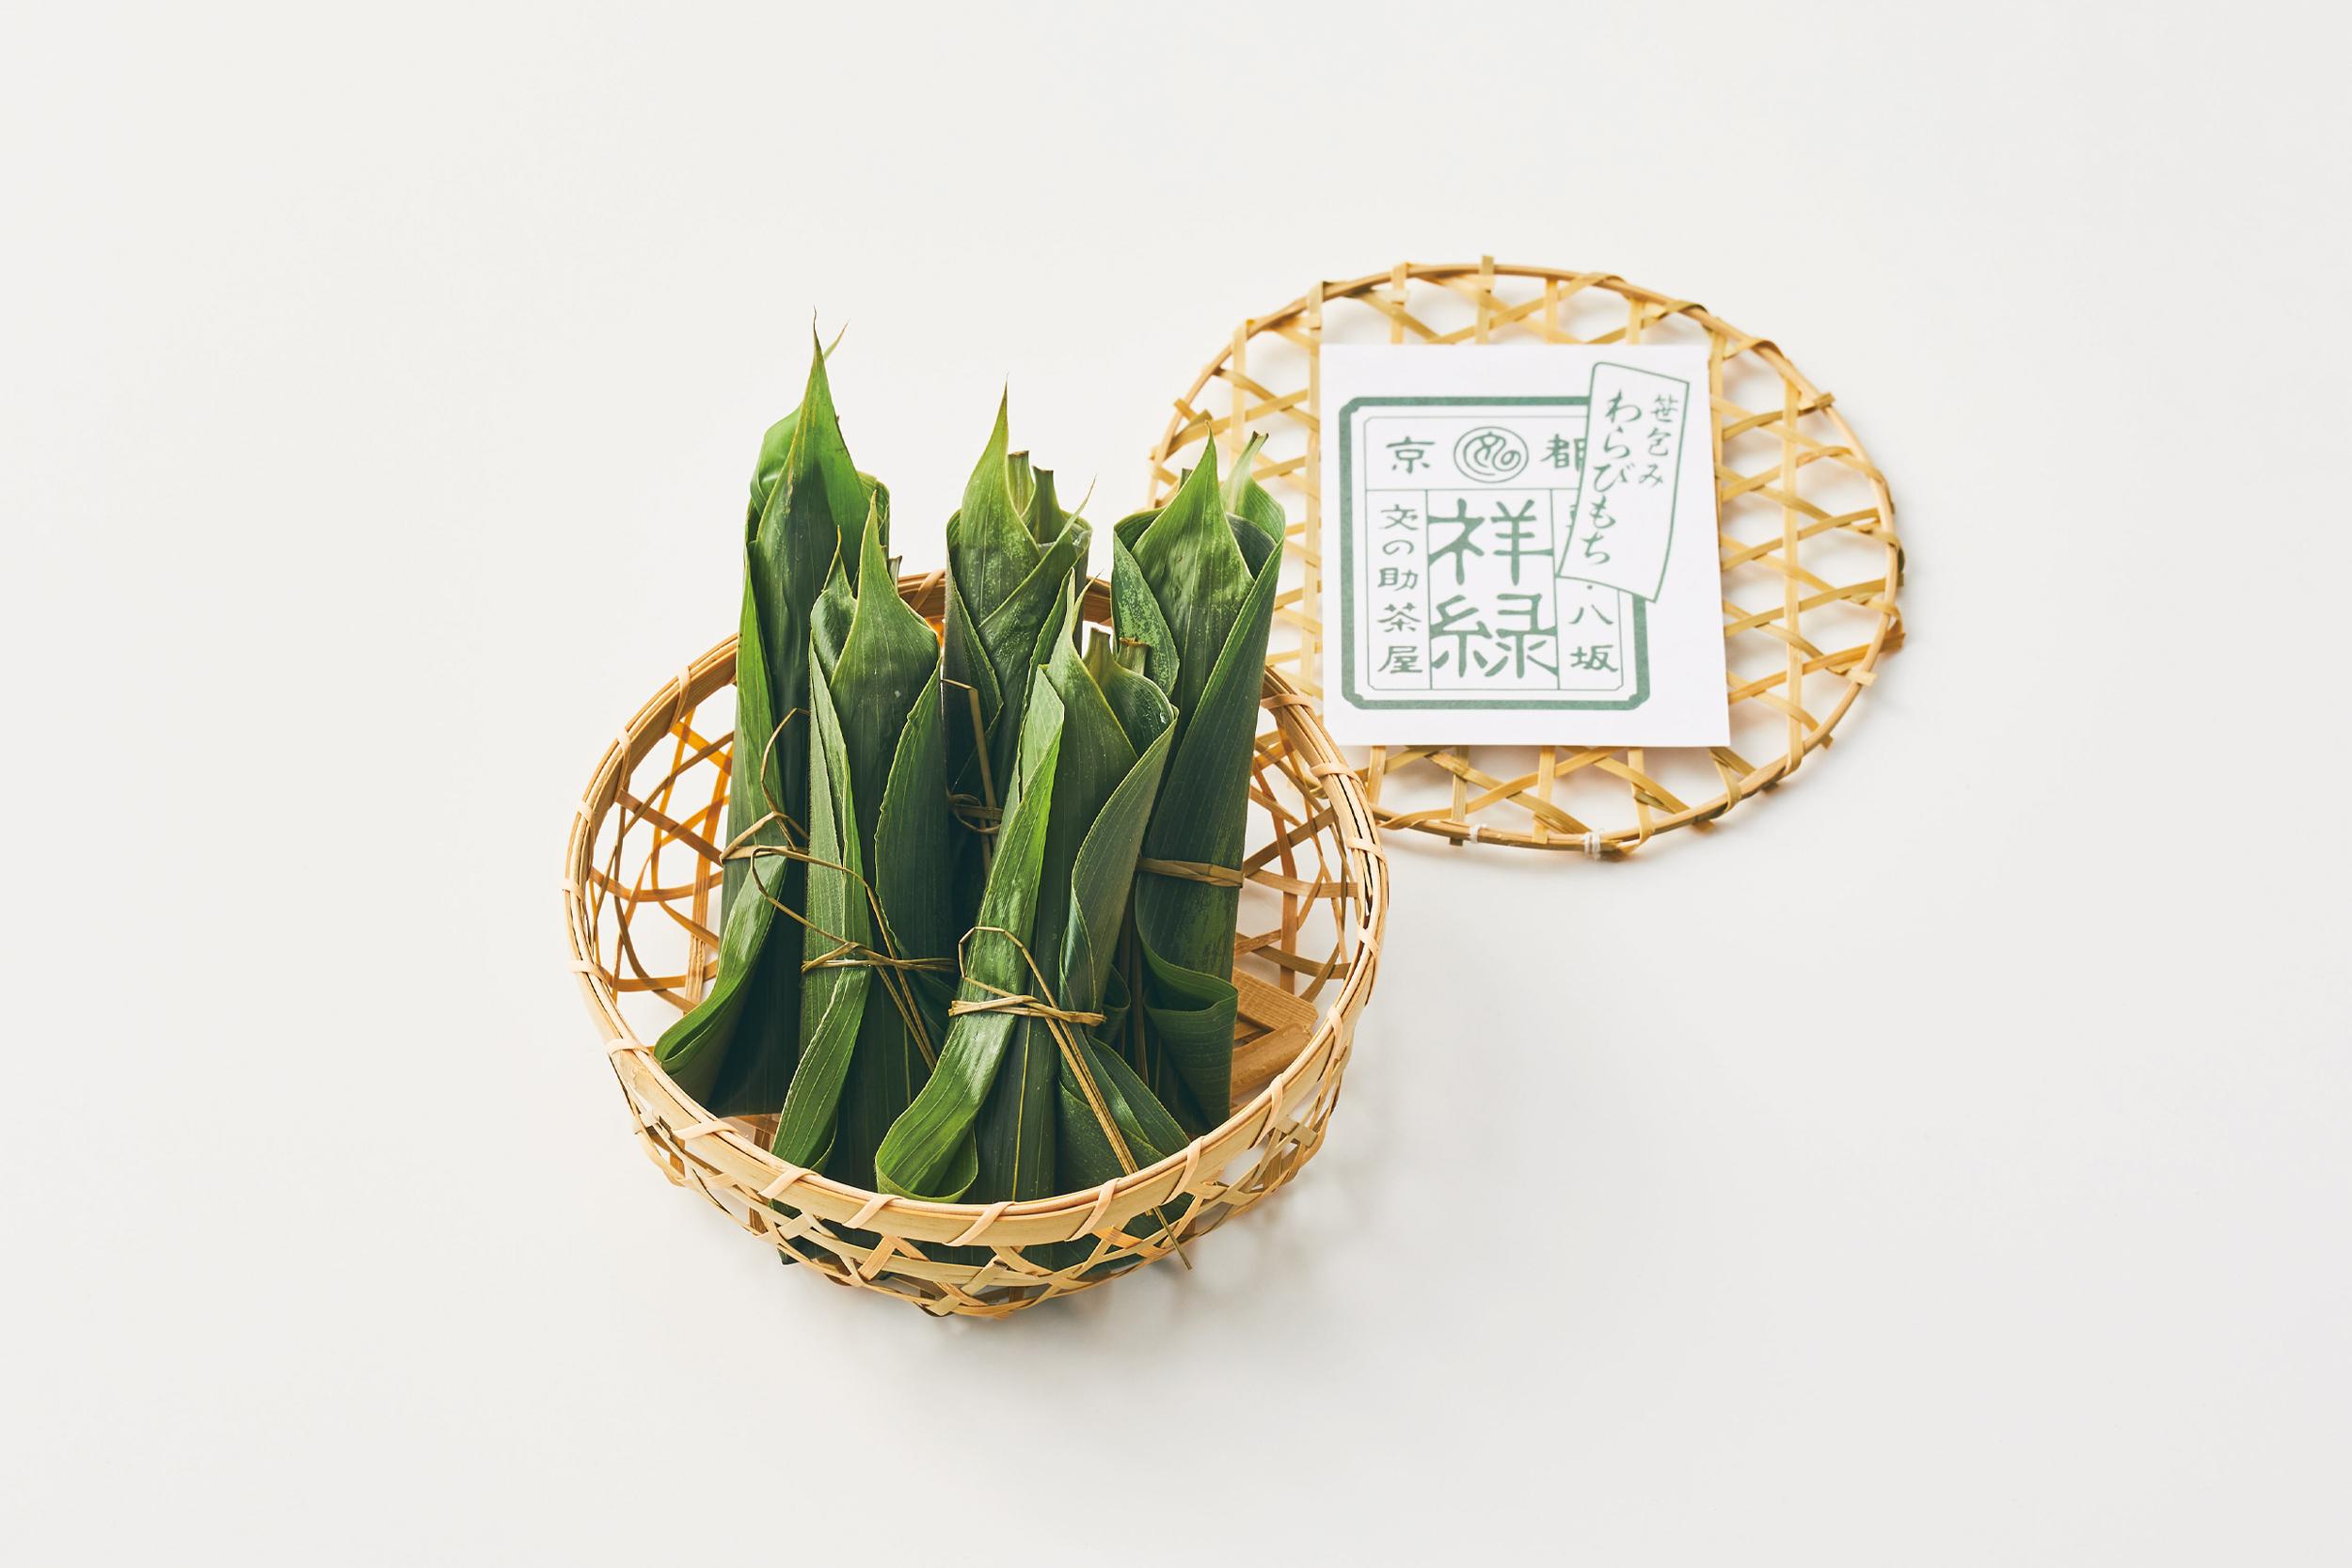 笹包みわらびもち 祥緑(5本)丸竹かご入り